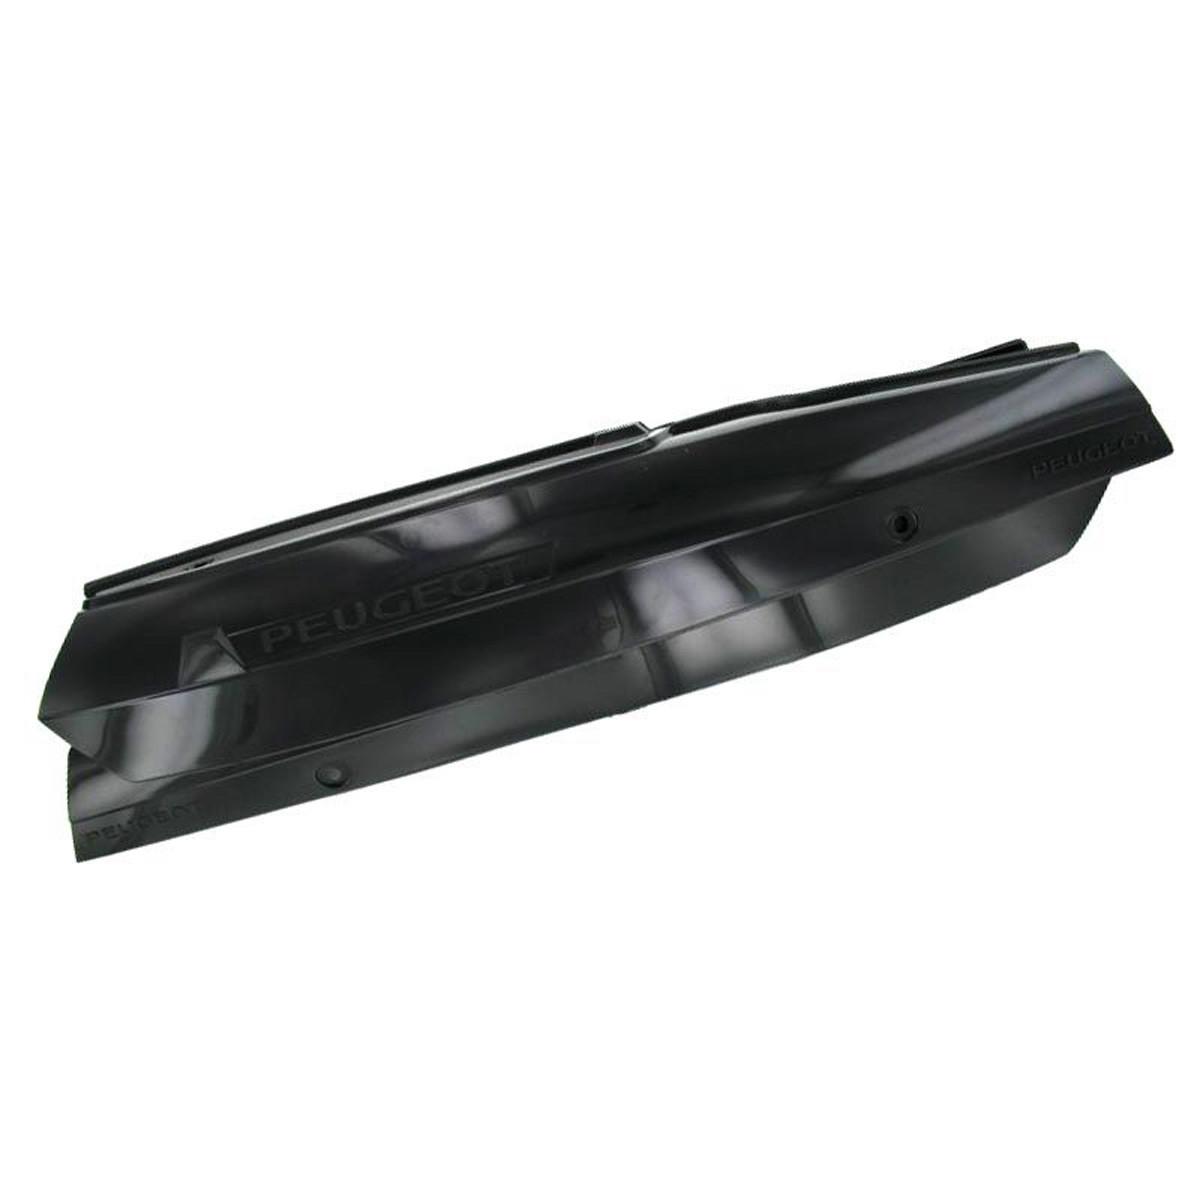 Capotage PEUGEOT 103 SP, MVL - Noir